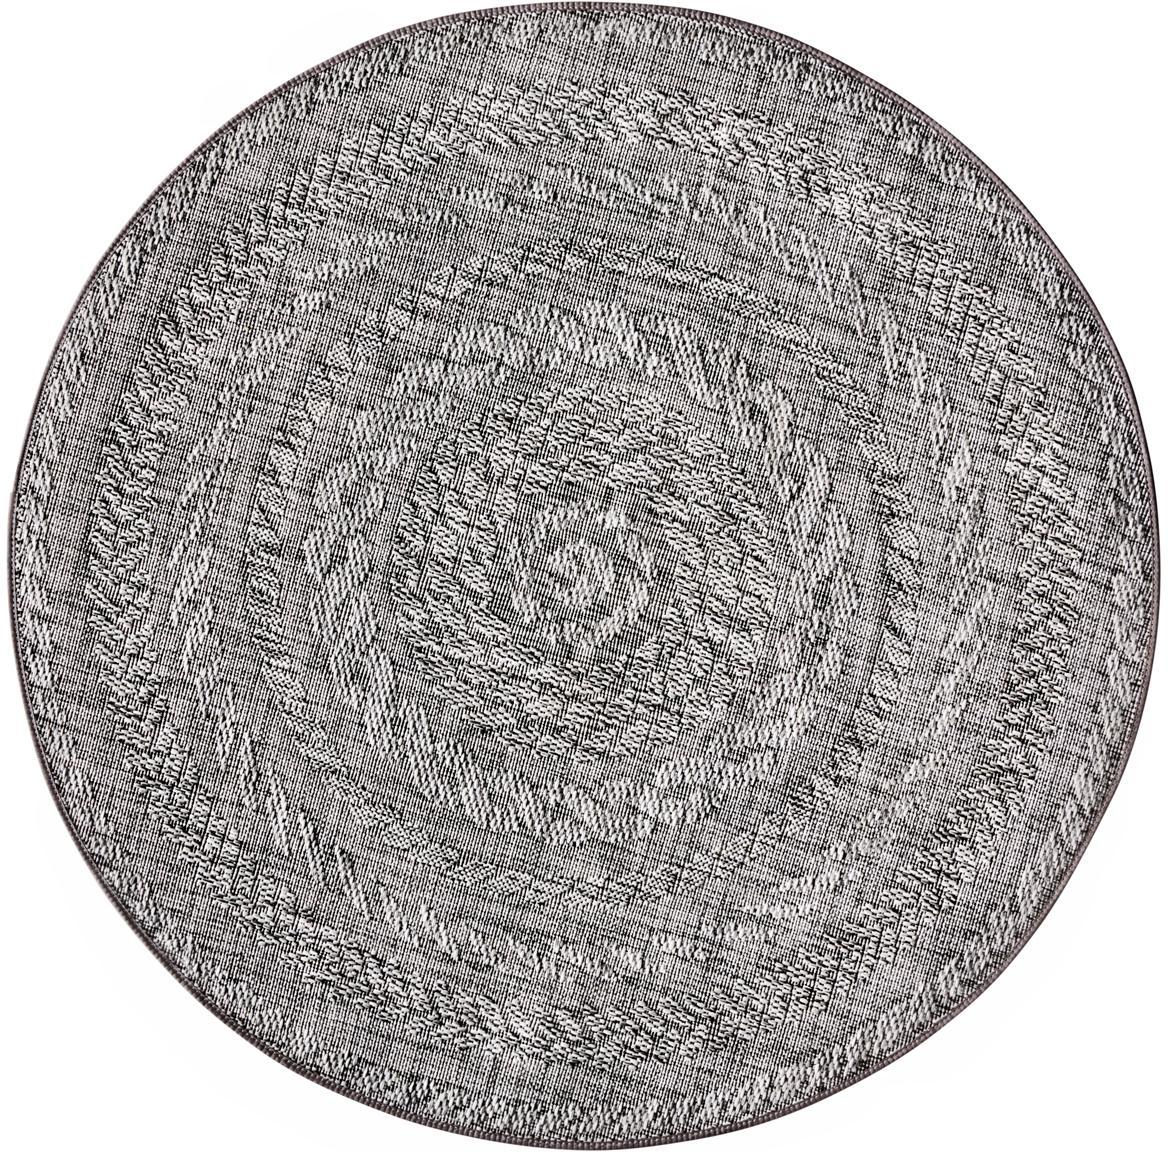 Rond in- en outdoor vloerkleed Antaro, Polypropyleen, Lichtgrijs, Ø 160 cm (maat L)